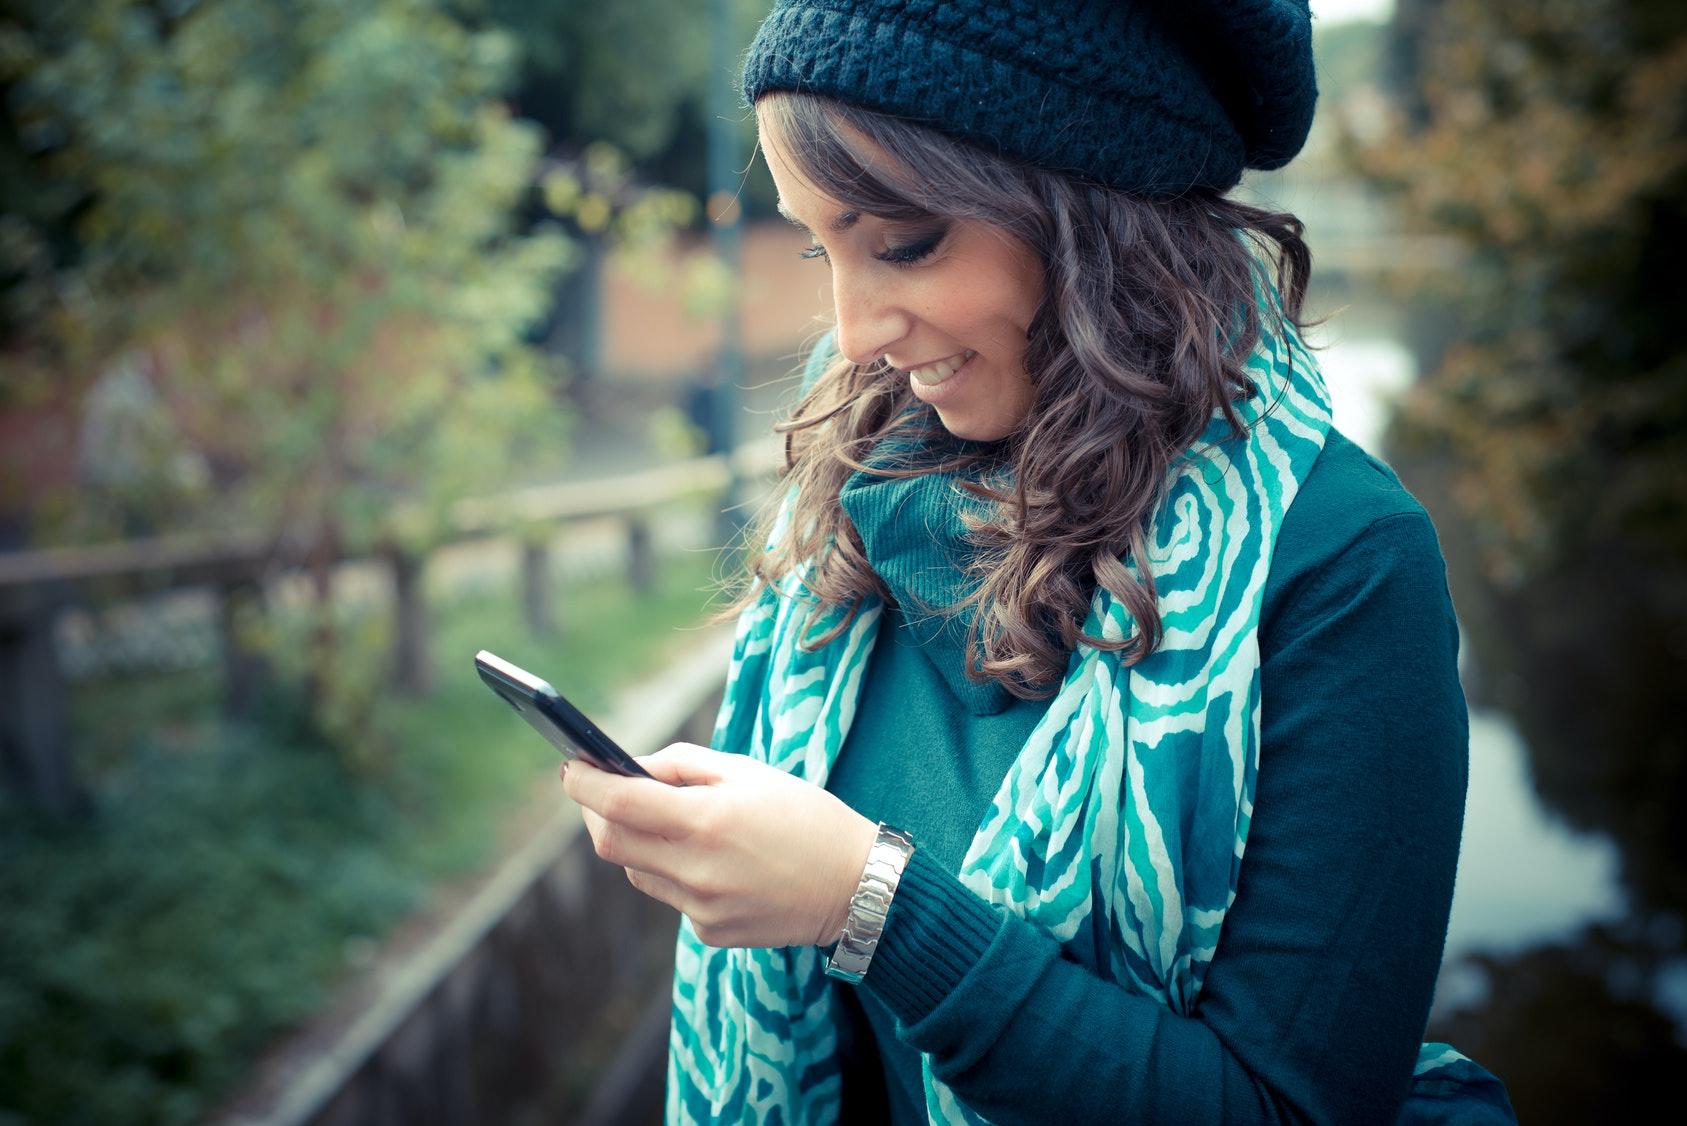 beste dating app iPhone 2013 Wat is de dating scene zoals in NYC